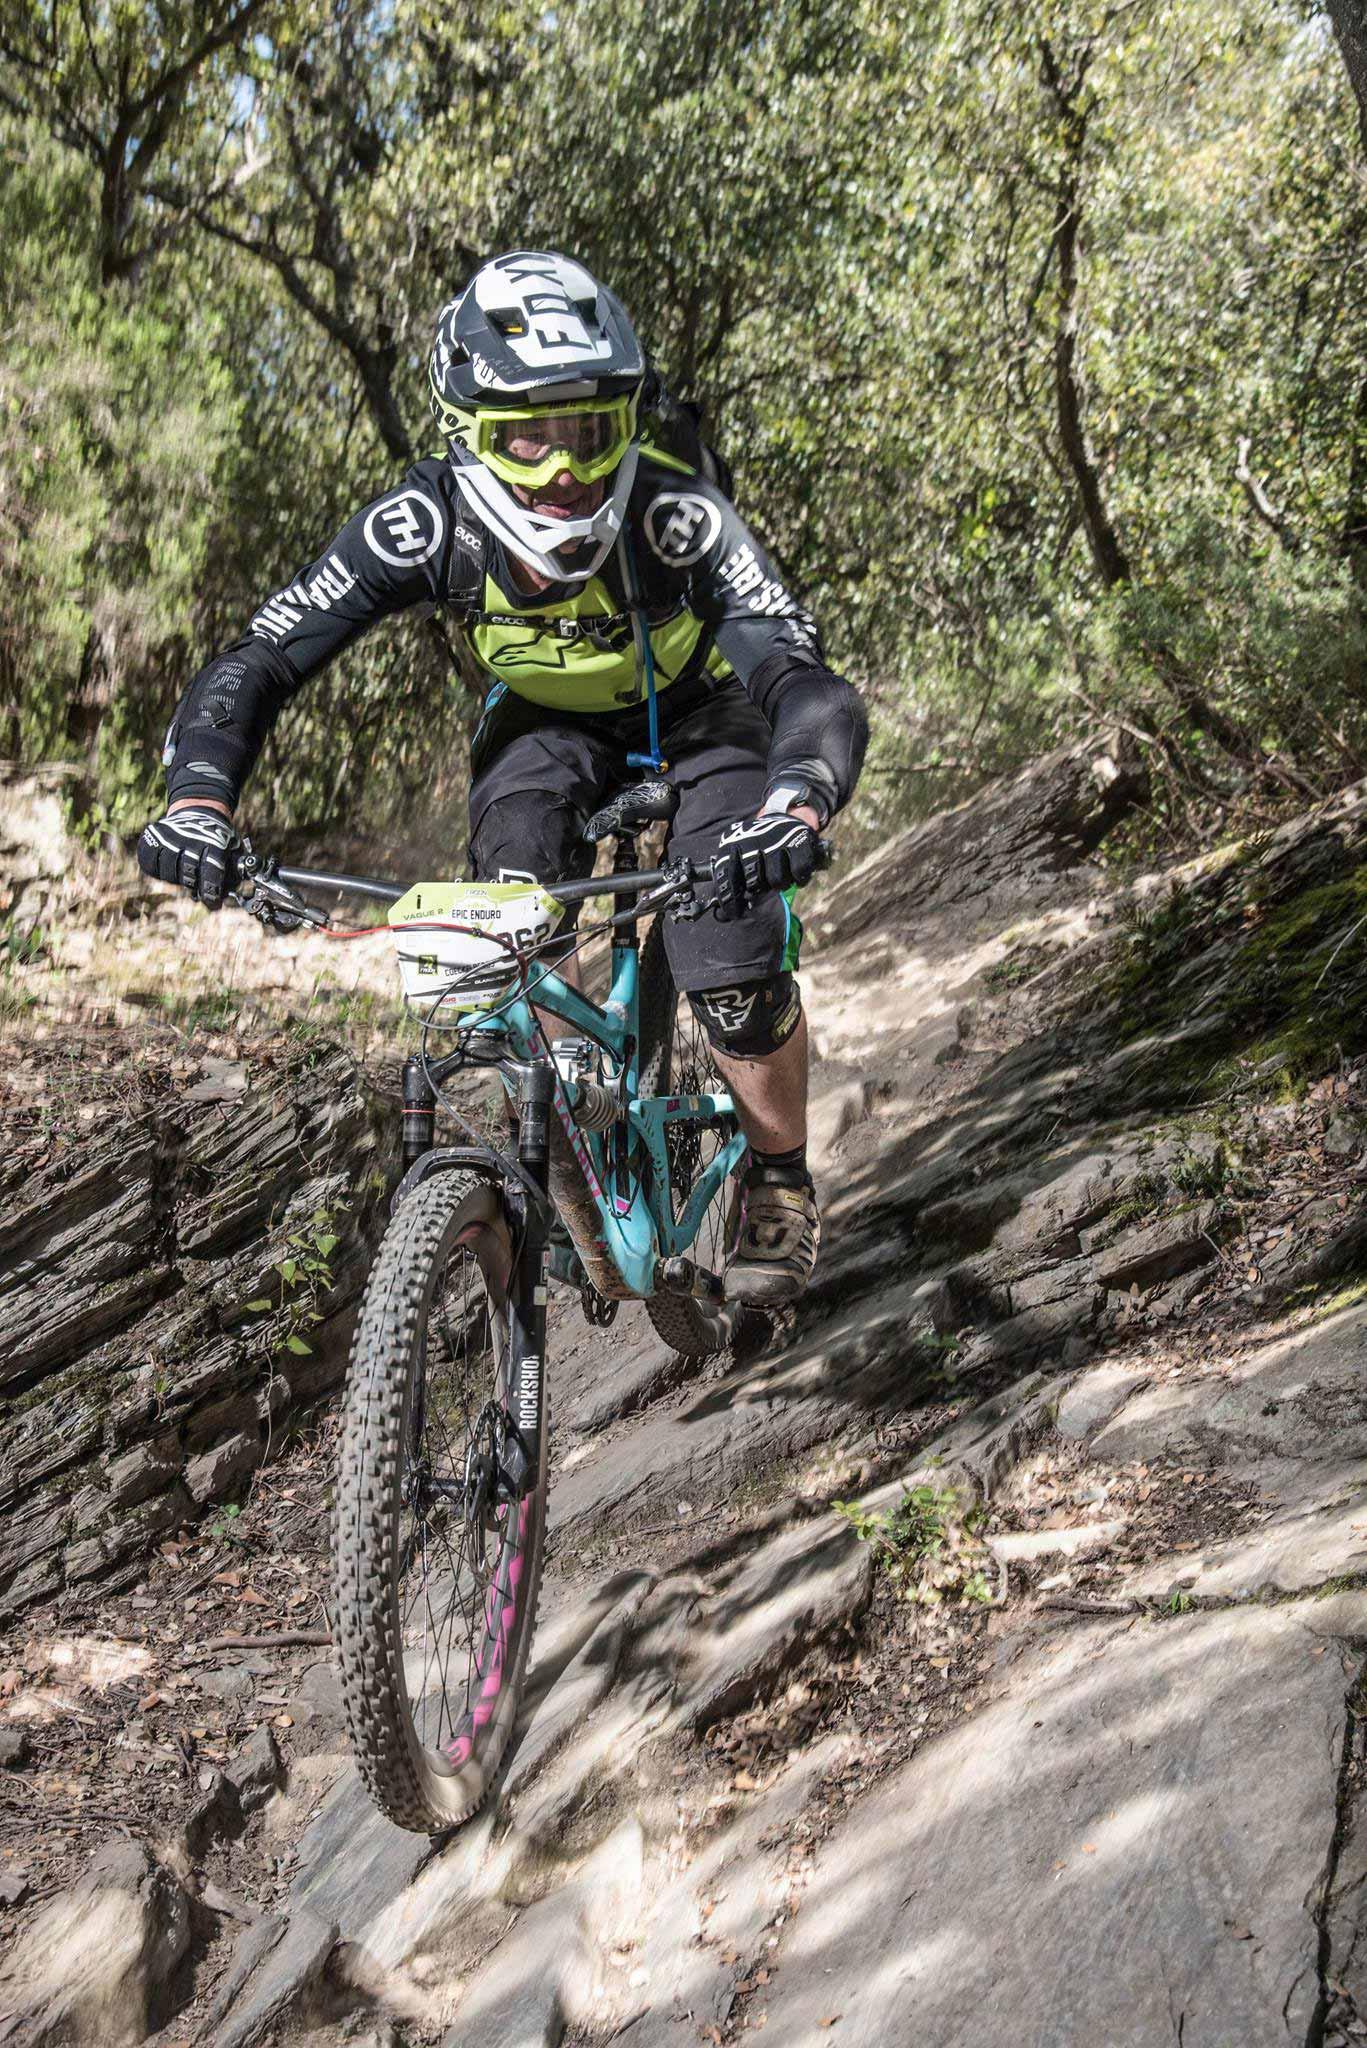 Bart rijdt over een trail vol met rotsen. Hij heeft zijn fullface helm op en kijkt strak de bocht in,